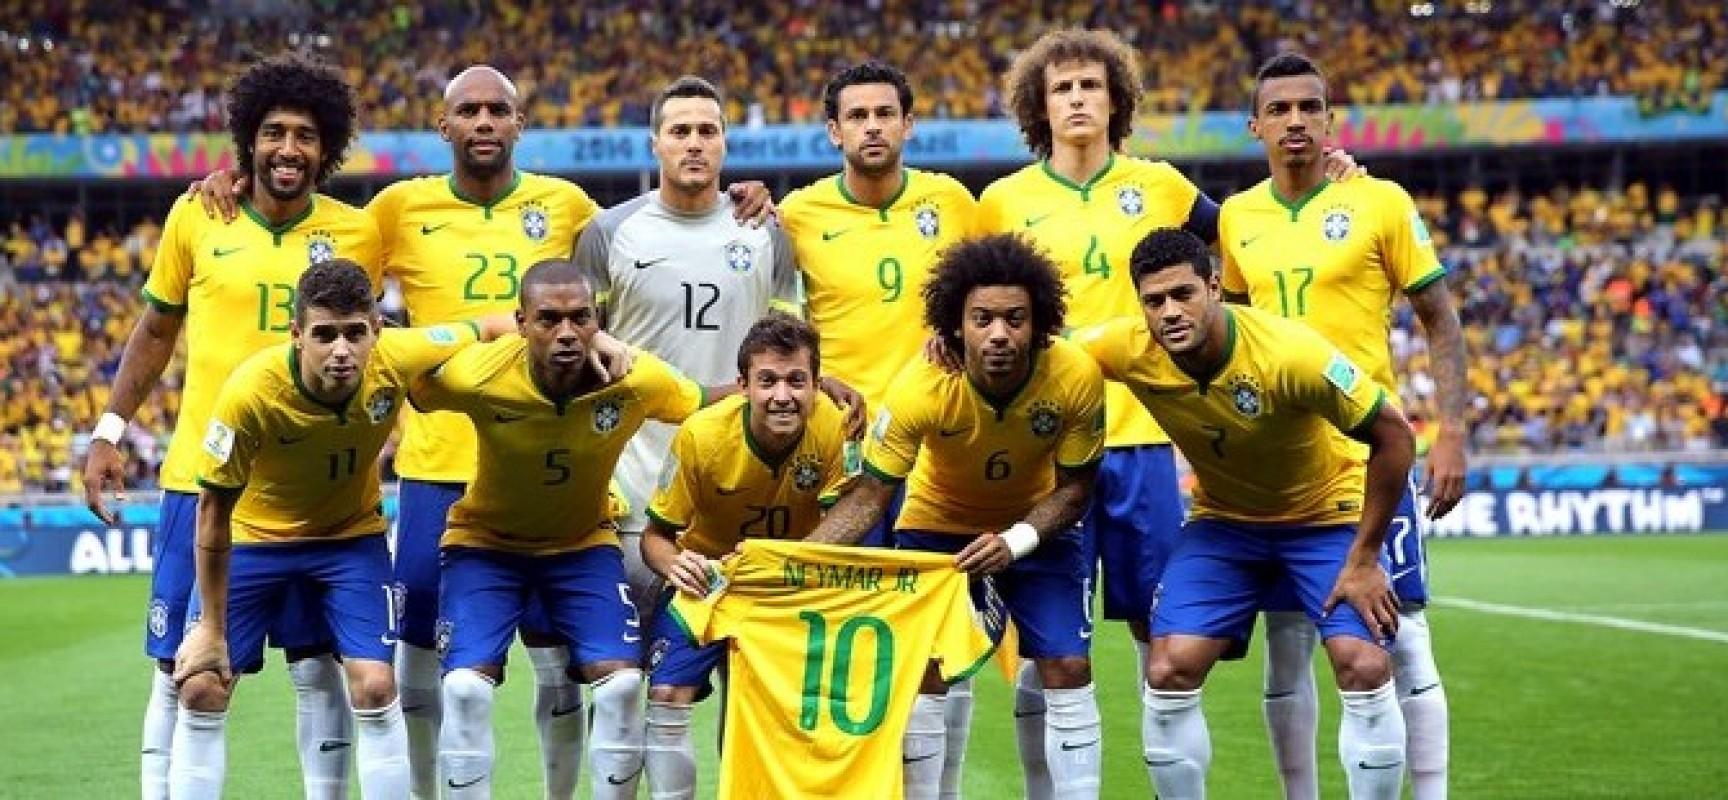 Presidente da Fifa volta a defender Copa do Mundo a cada dois anos